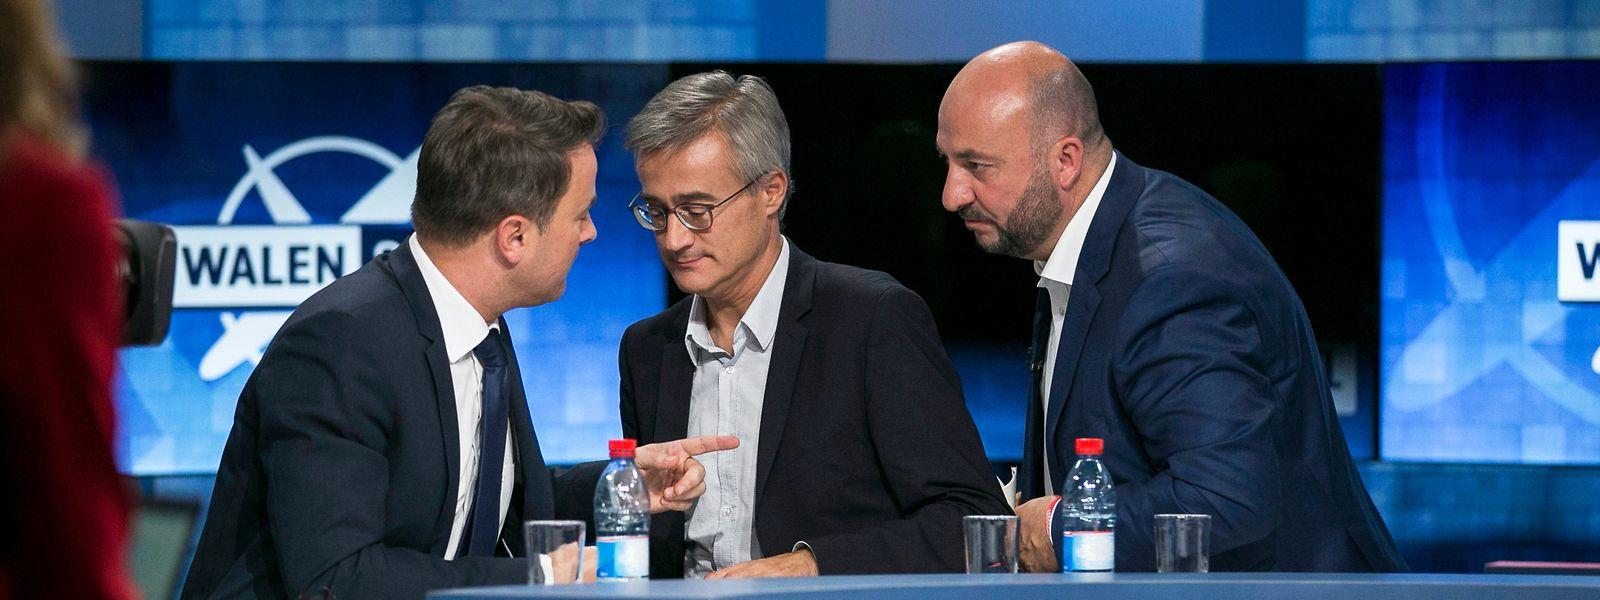 De g. à dr.: Xavier Bettel (DP), Felix Braz (déi Gréng), Etienne Schneider (LSAP).